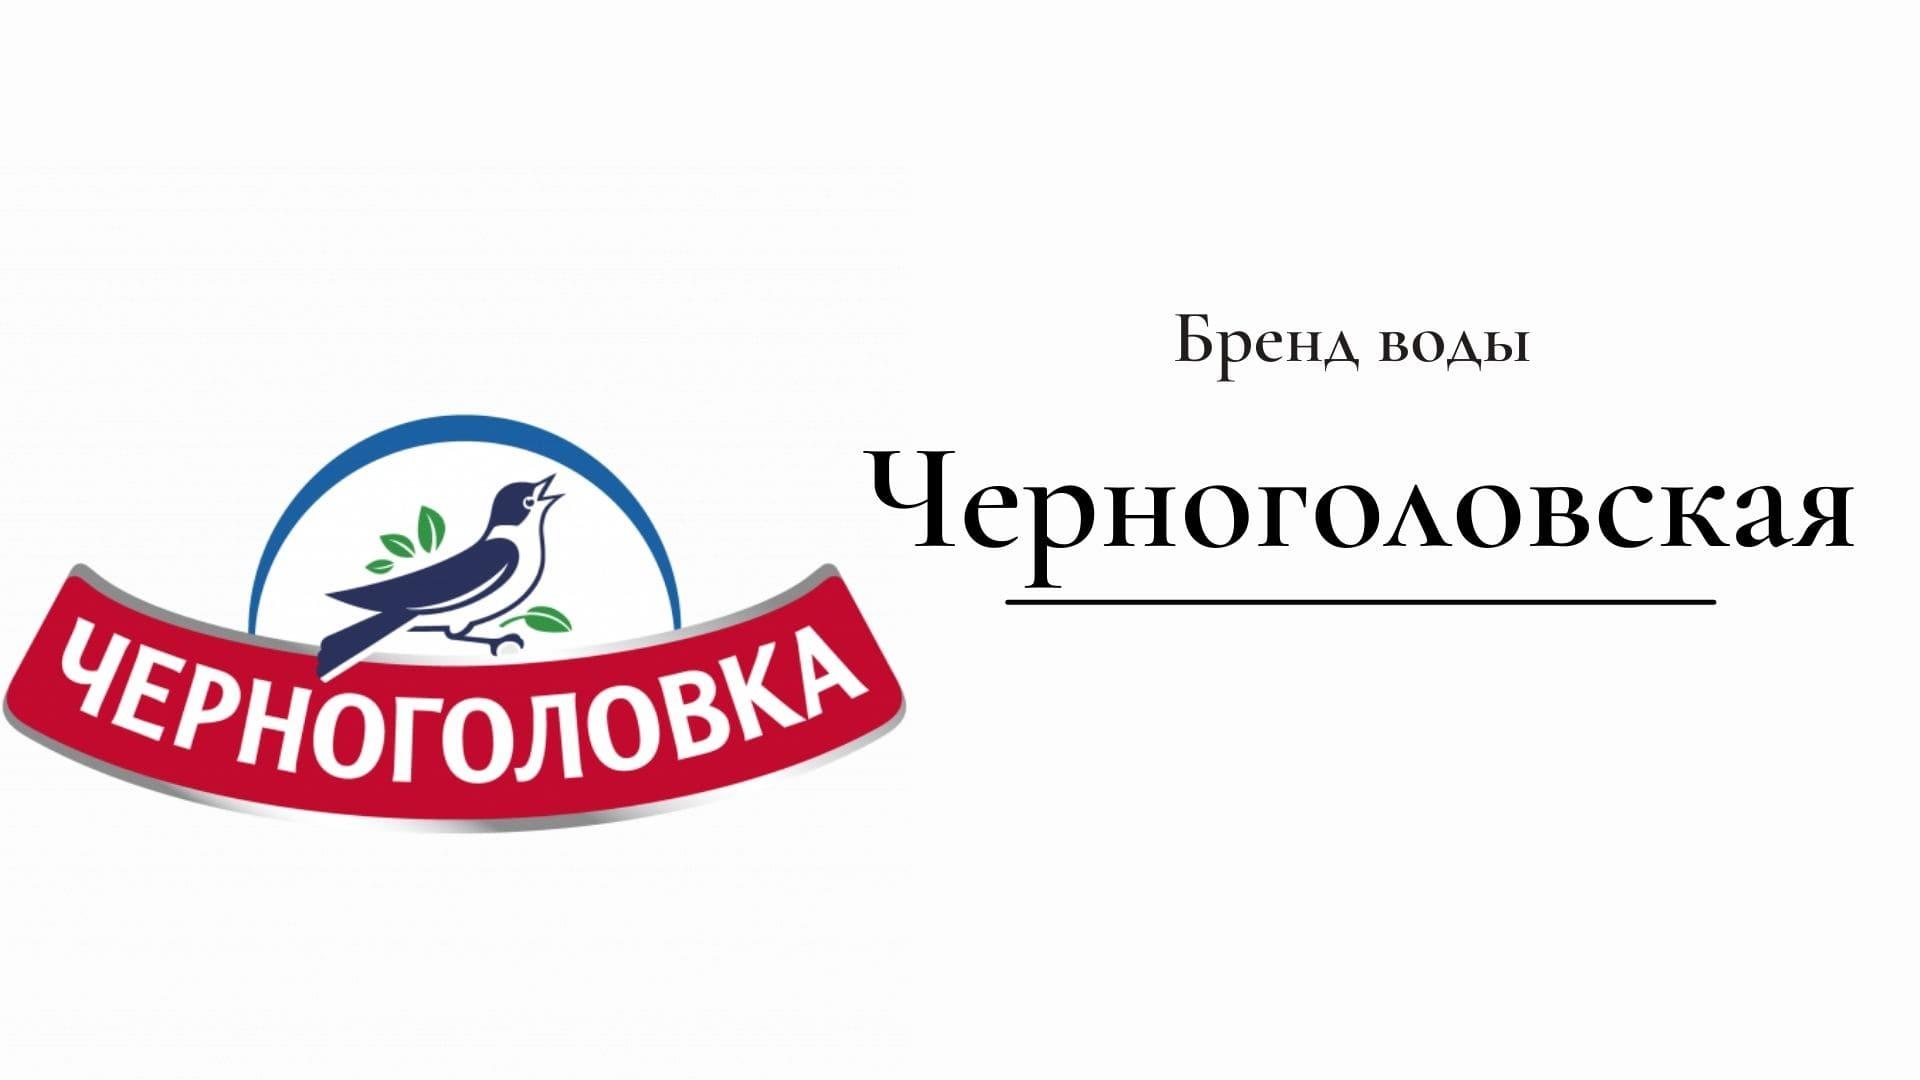 Бренд Черноголовская